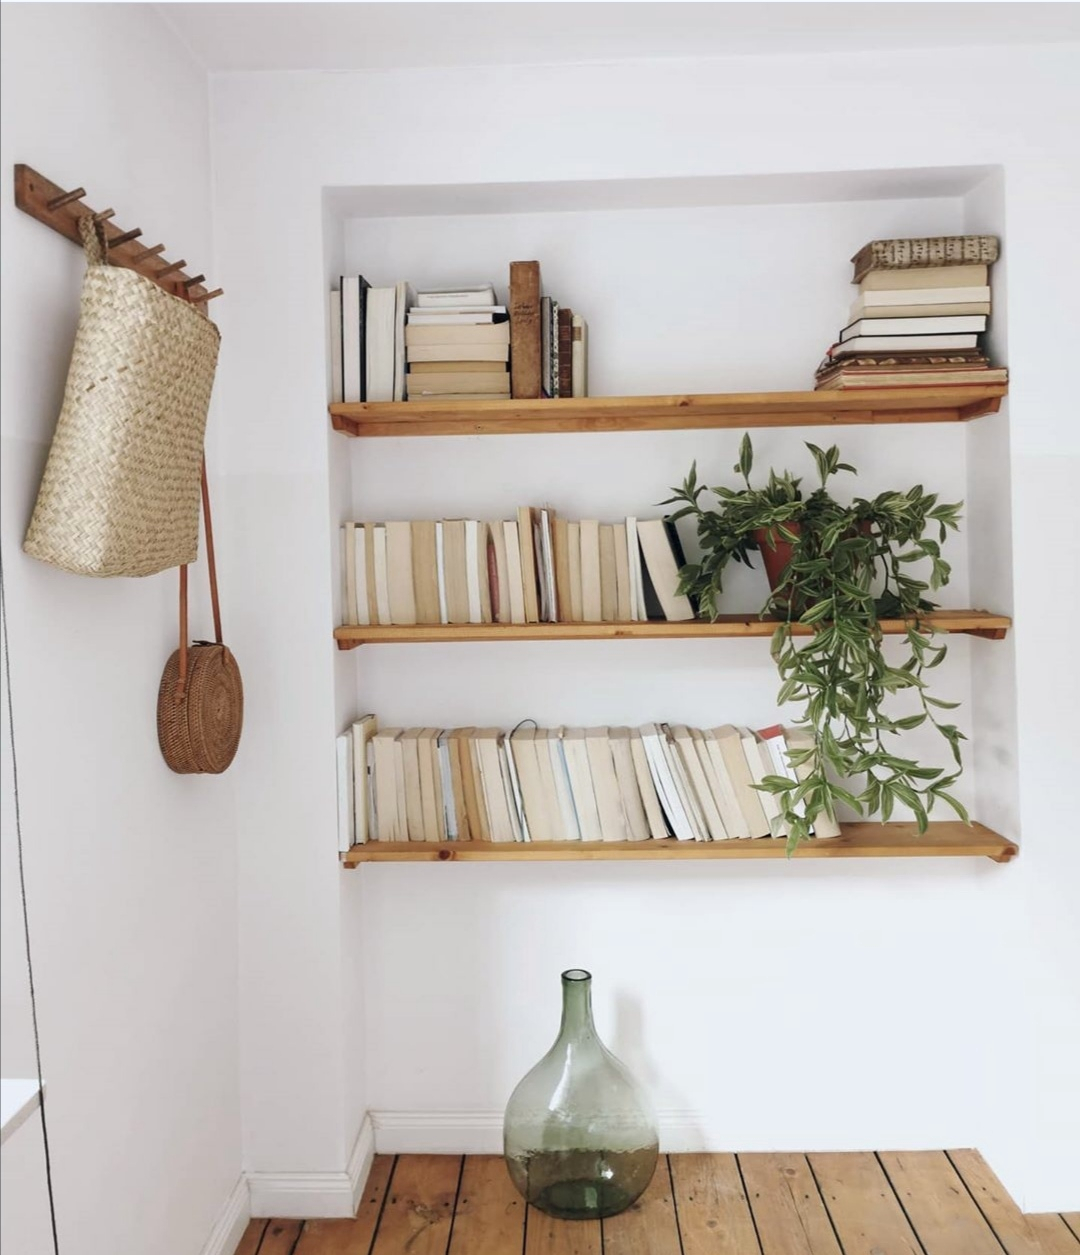 Bücherregal in weiß aus Holz - Überrachte Terrasse - Homestory: Bei Nathalie sieht es aus wie im Urlaub